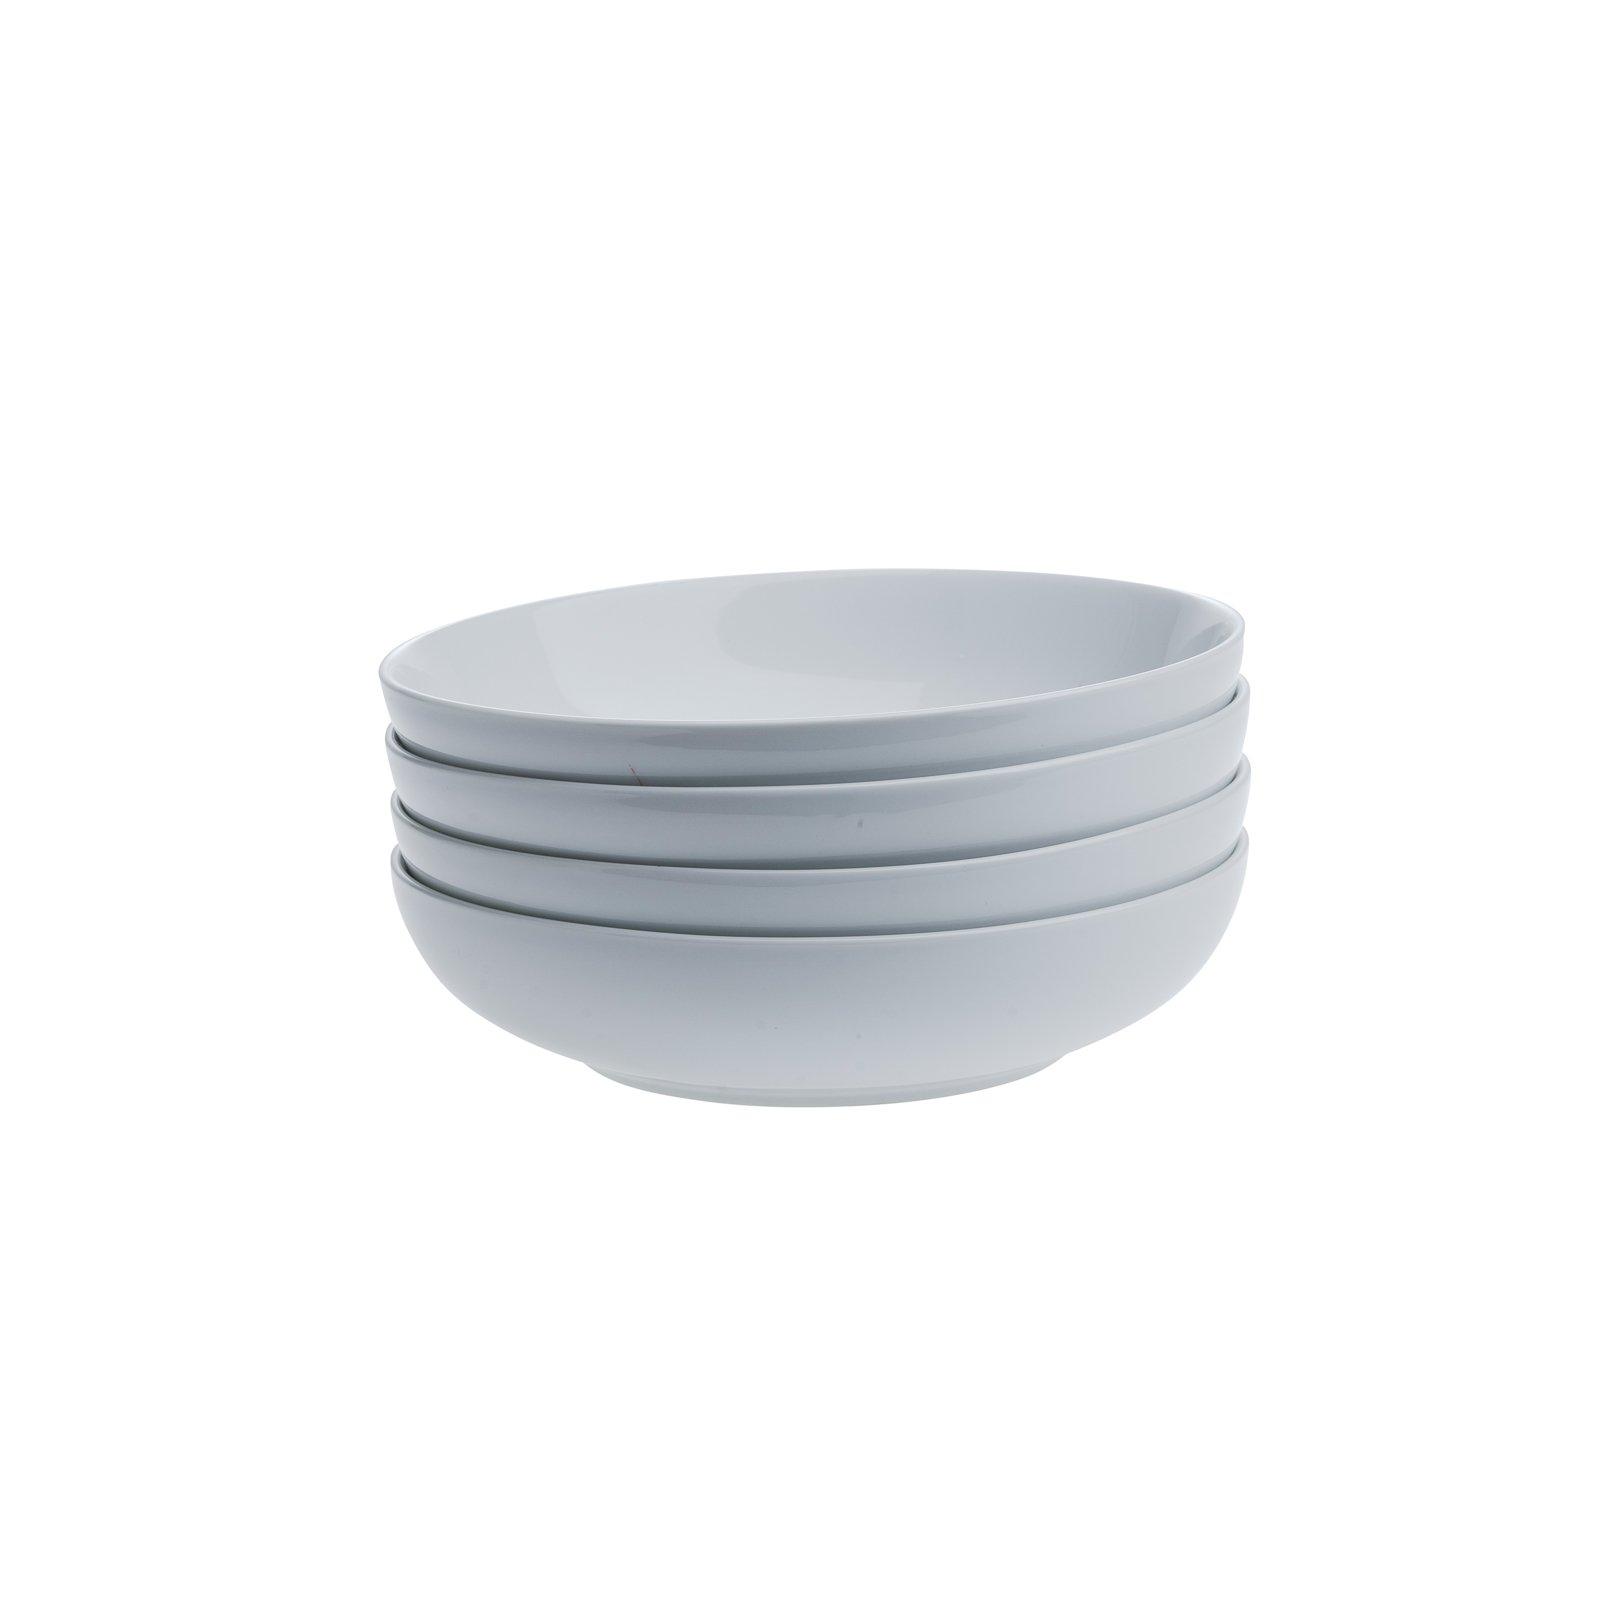 4pk 8.25'' Round Rim Dinner Bowl - Denmark